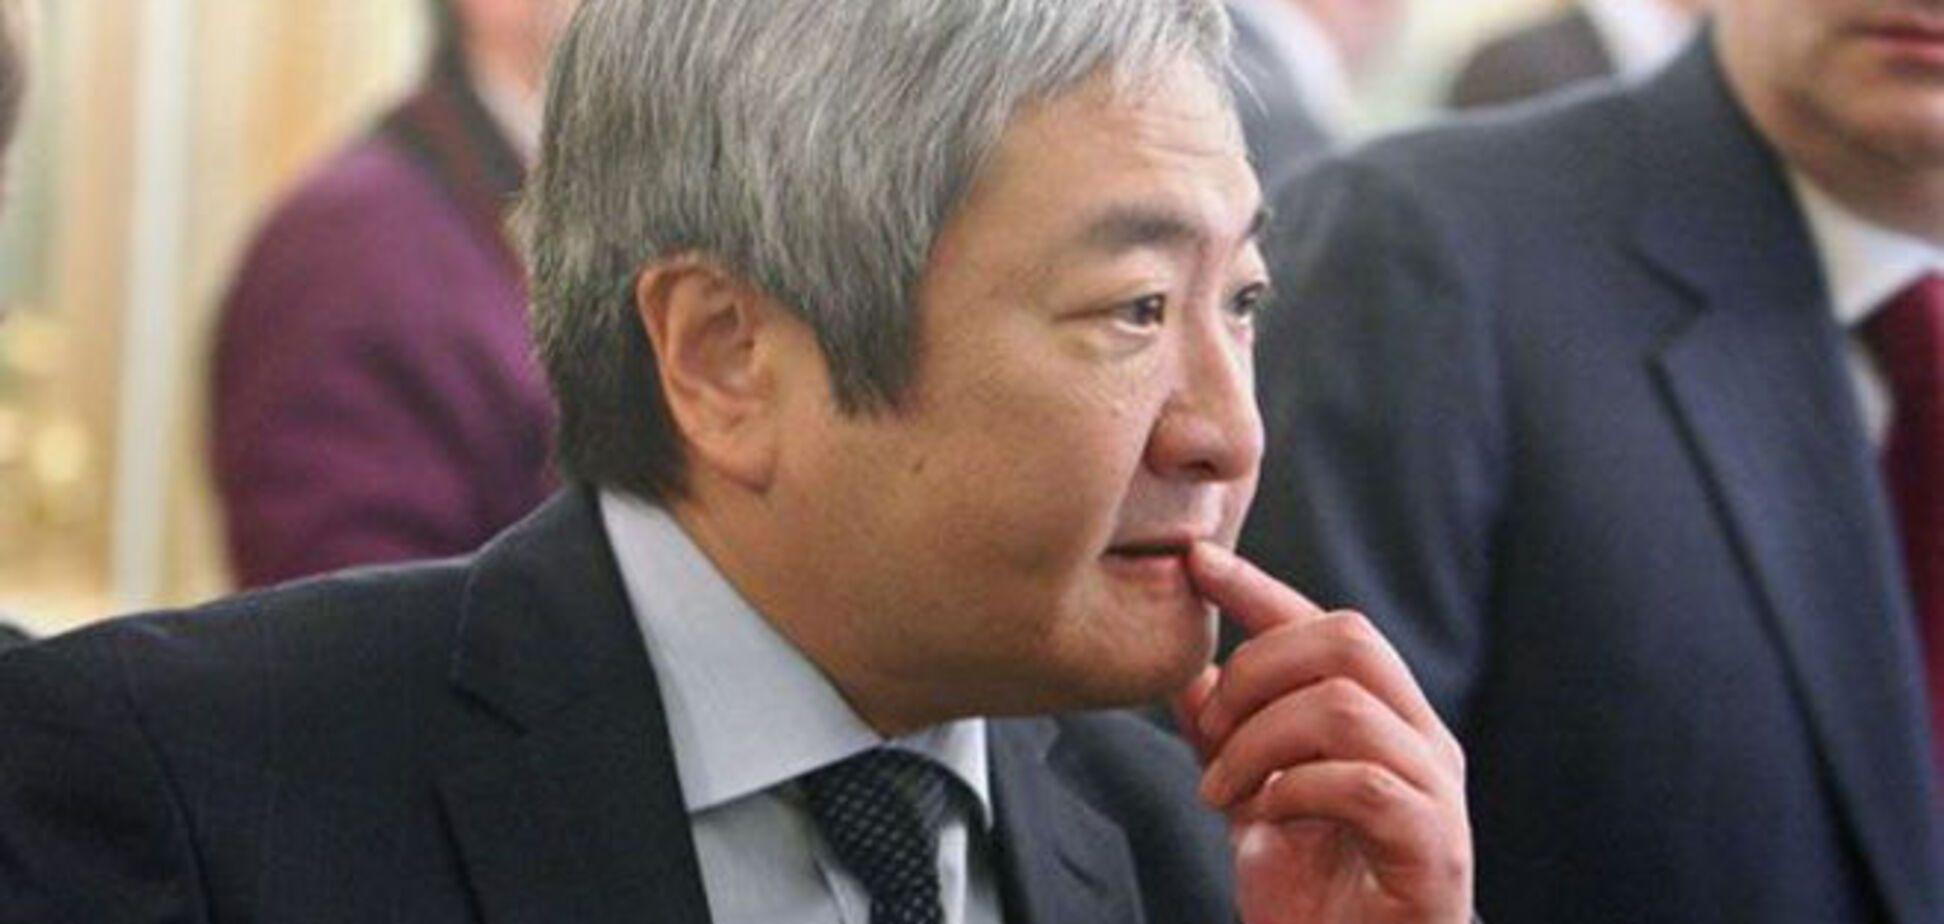 Суд запретил надевать на мэра Запорожья электронный браслет